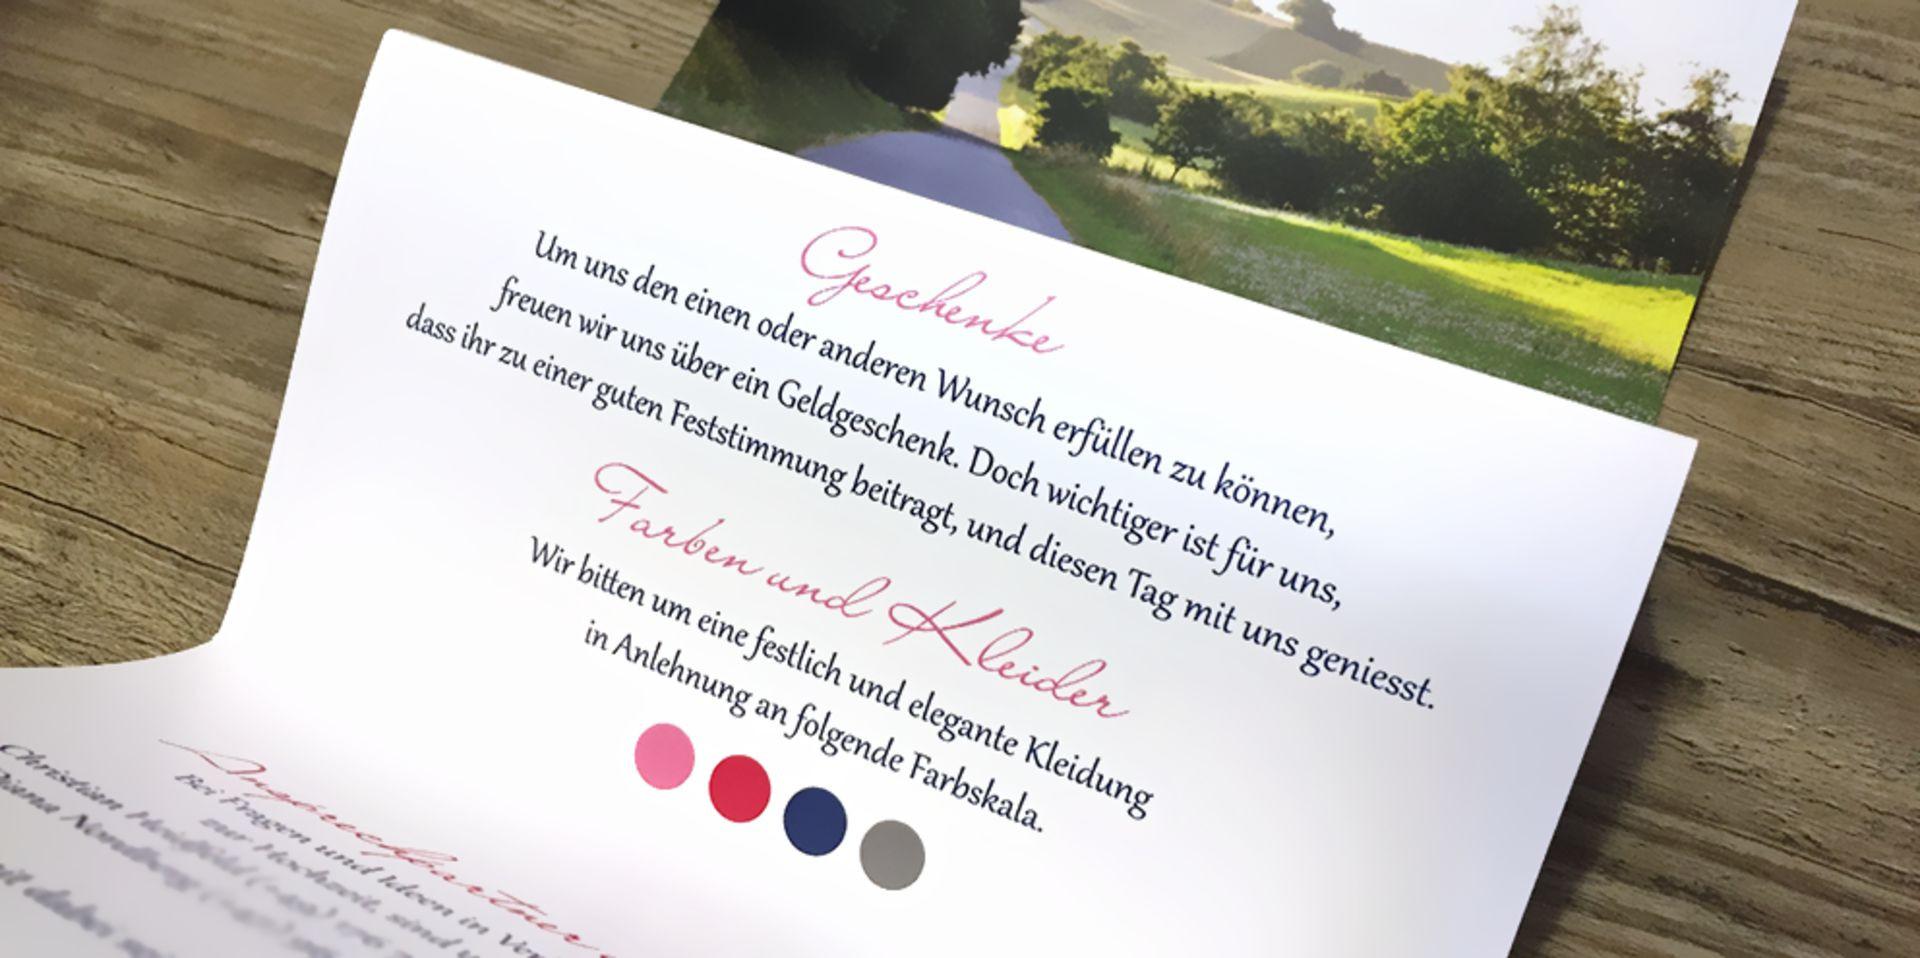 Hochzeit Einladungskarten Text  einladungskarten hochzeit einladungskarten goldene